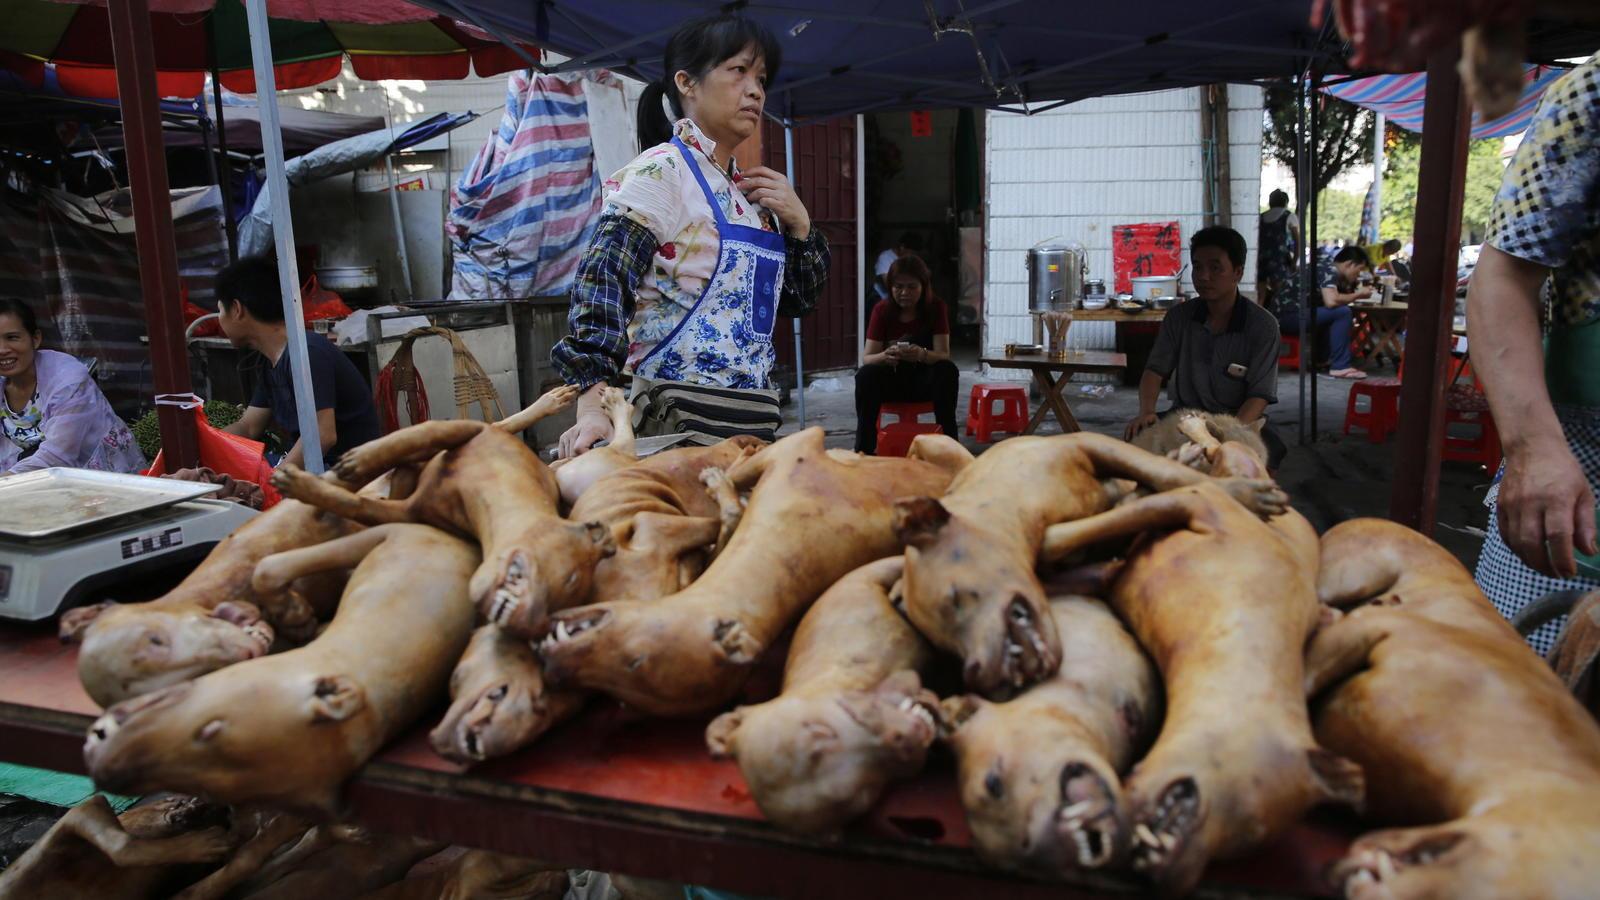 Stand verkauft Hundefleisch in China.